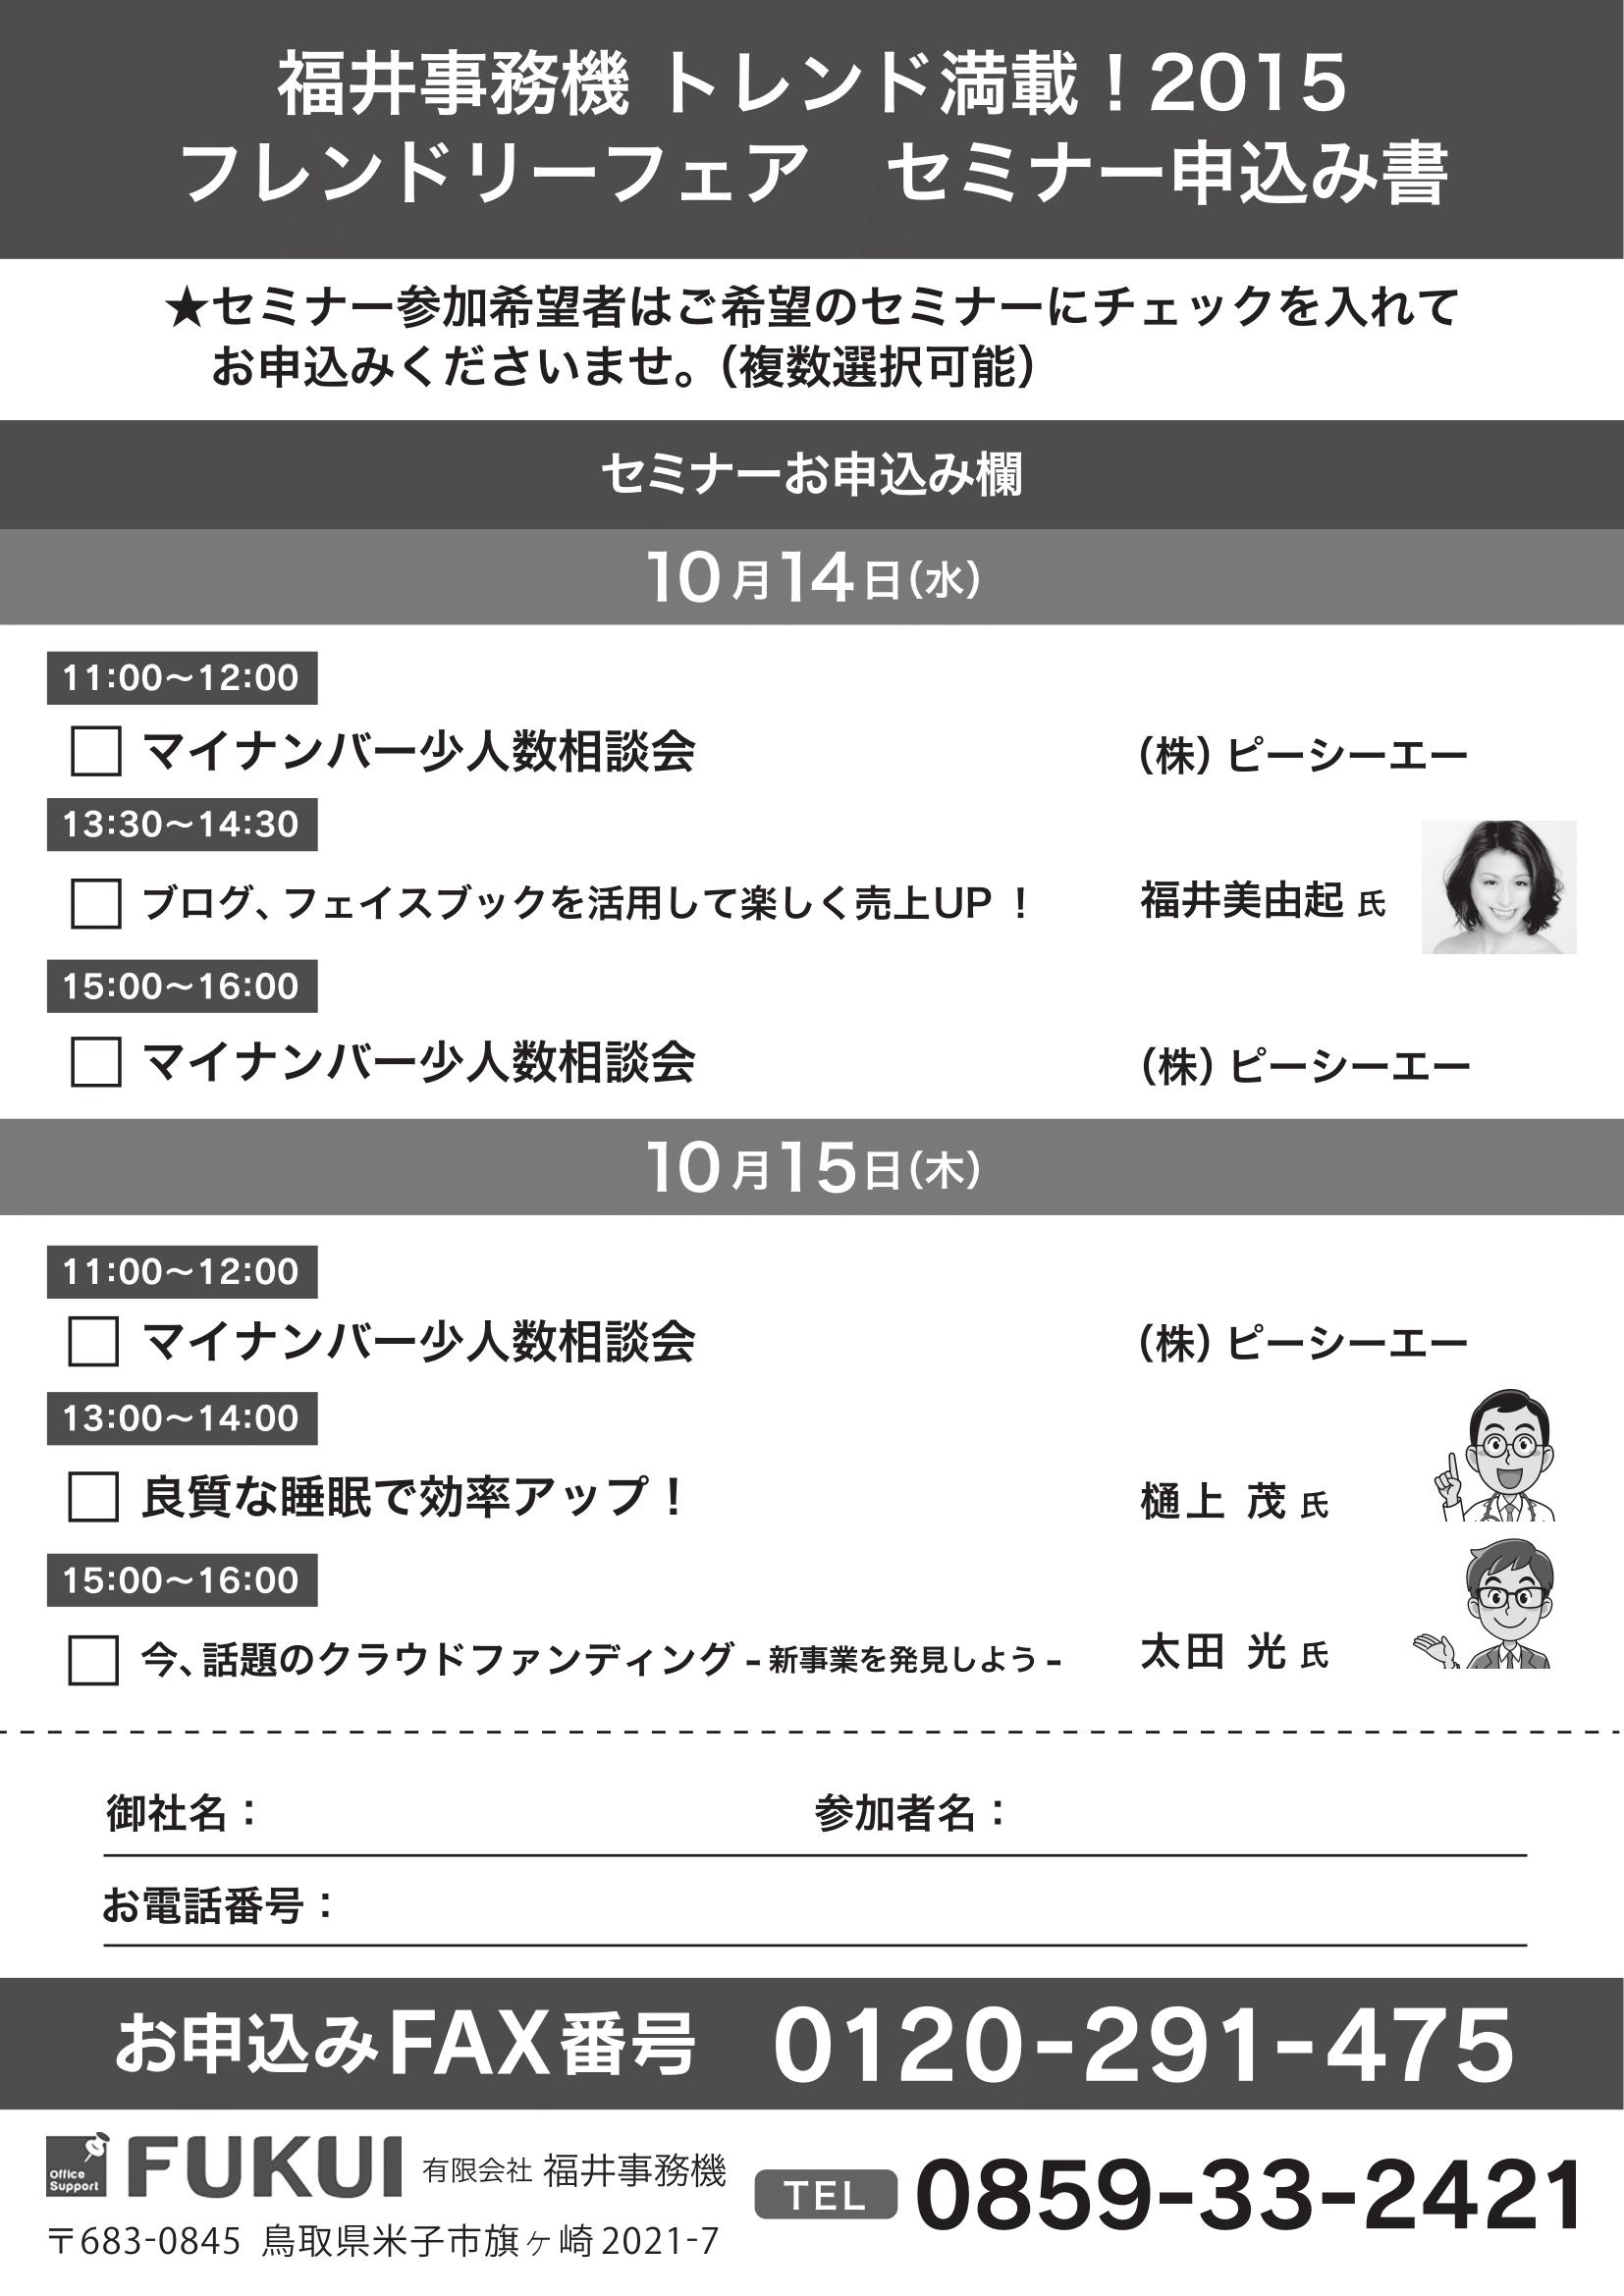 fukui_A4_omoushikomi-1